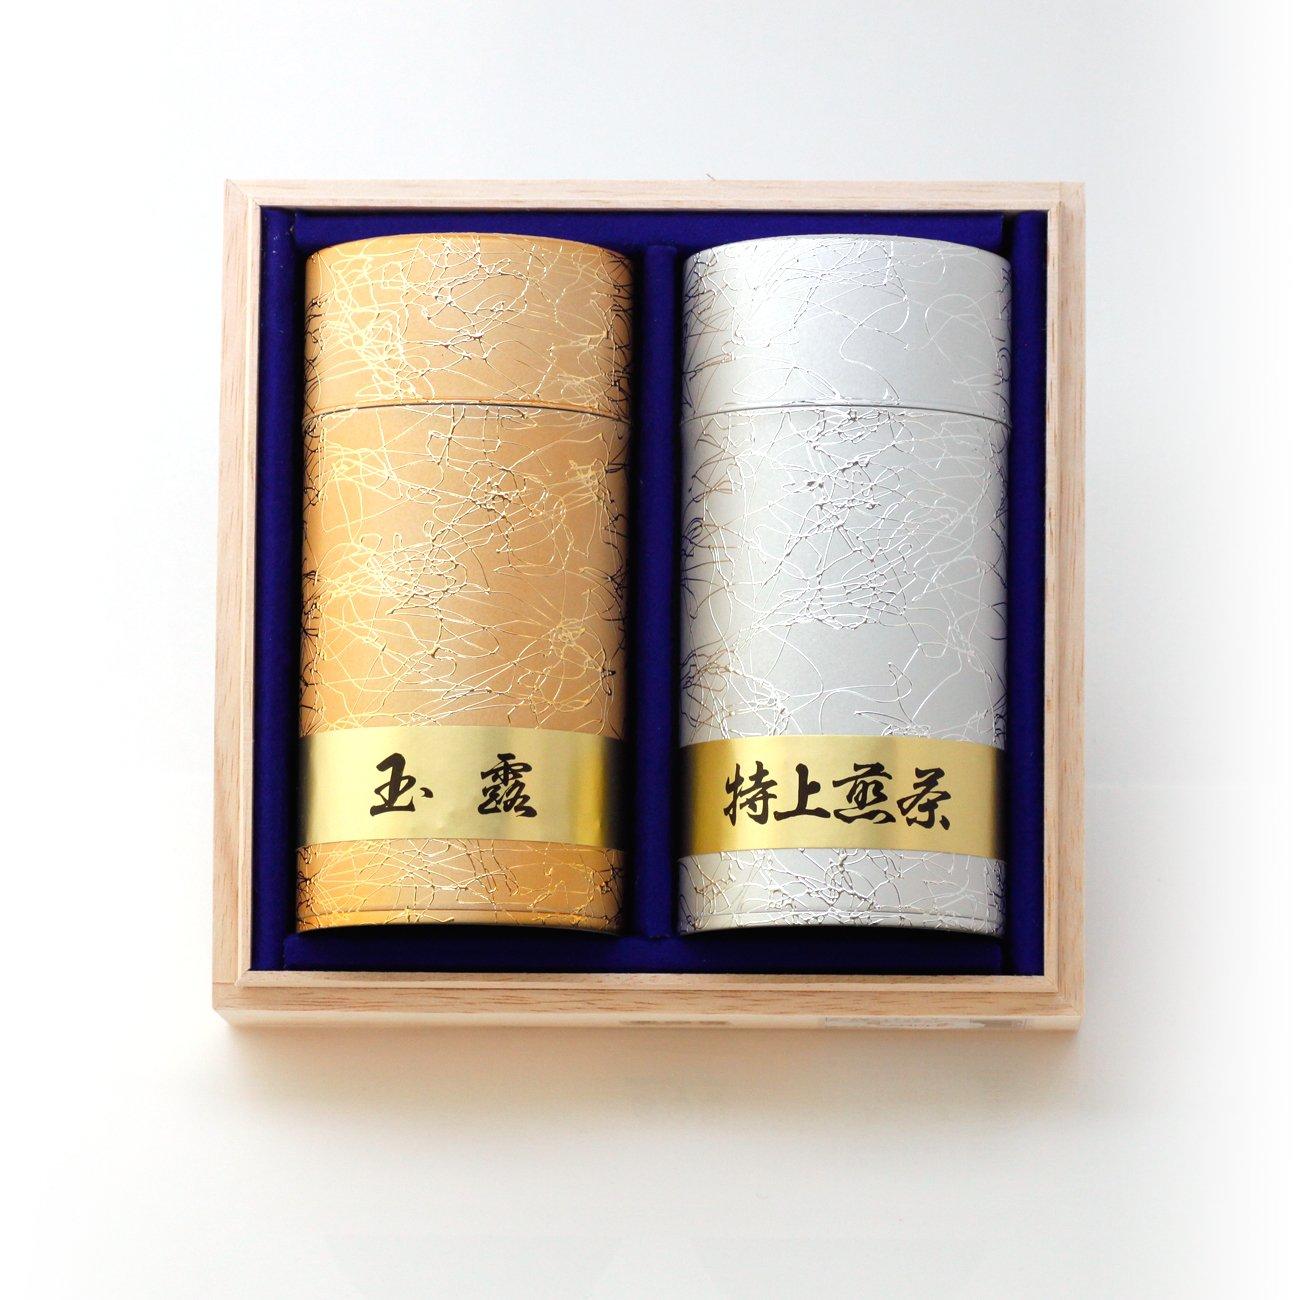 高級日本茶のおすすめ5選!ギフトにも最適